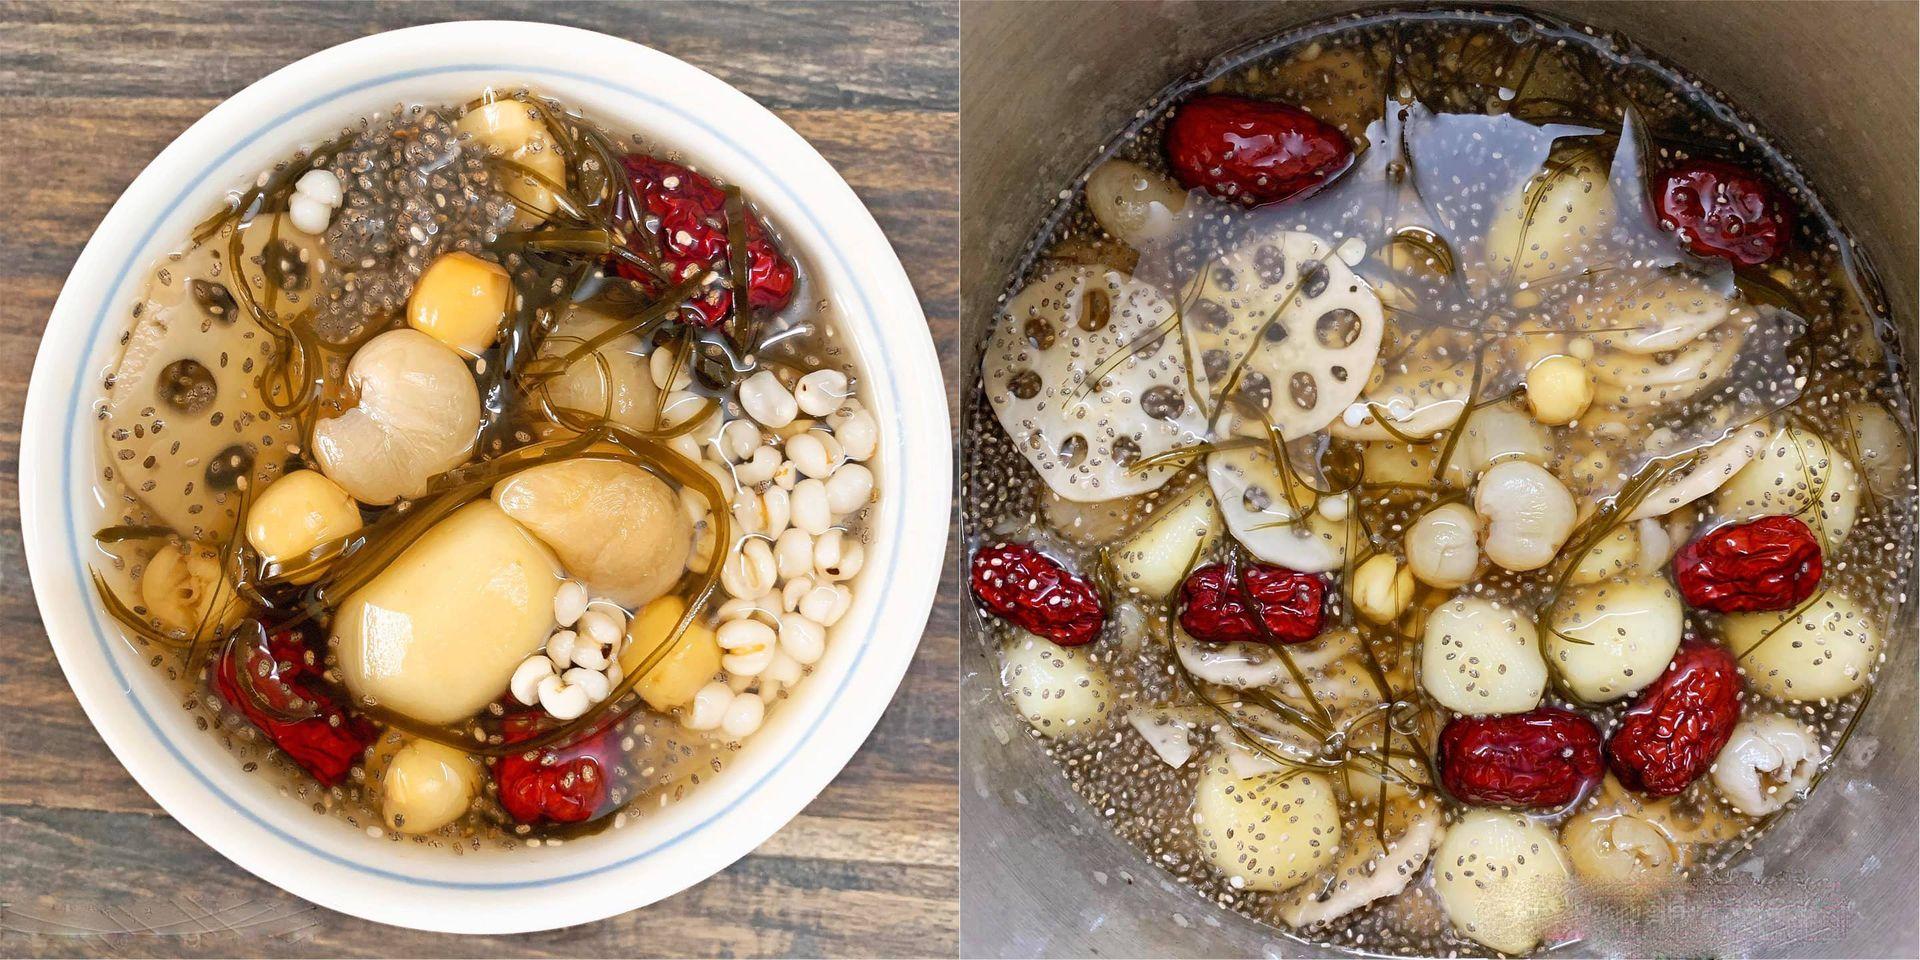 Cách nấu chè sâm bổ lượng thơm mát, vừa bổ dưỡng vừa đơn giản